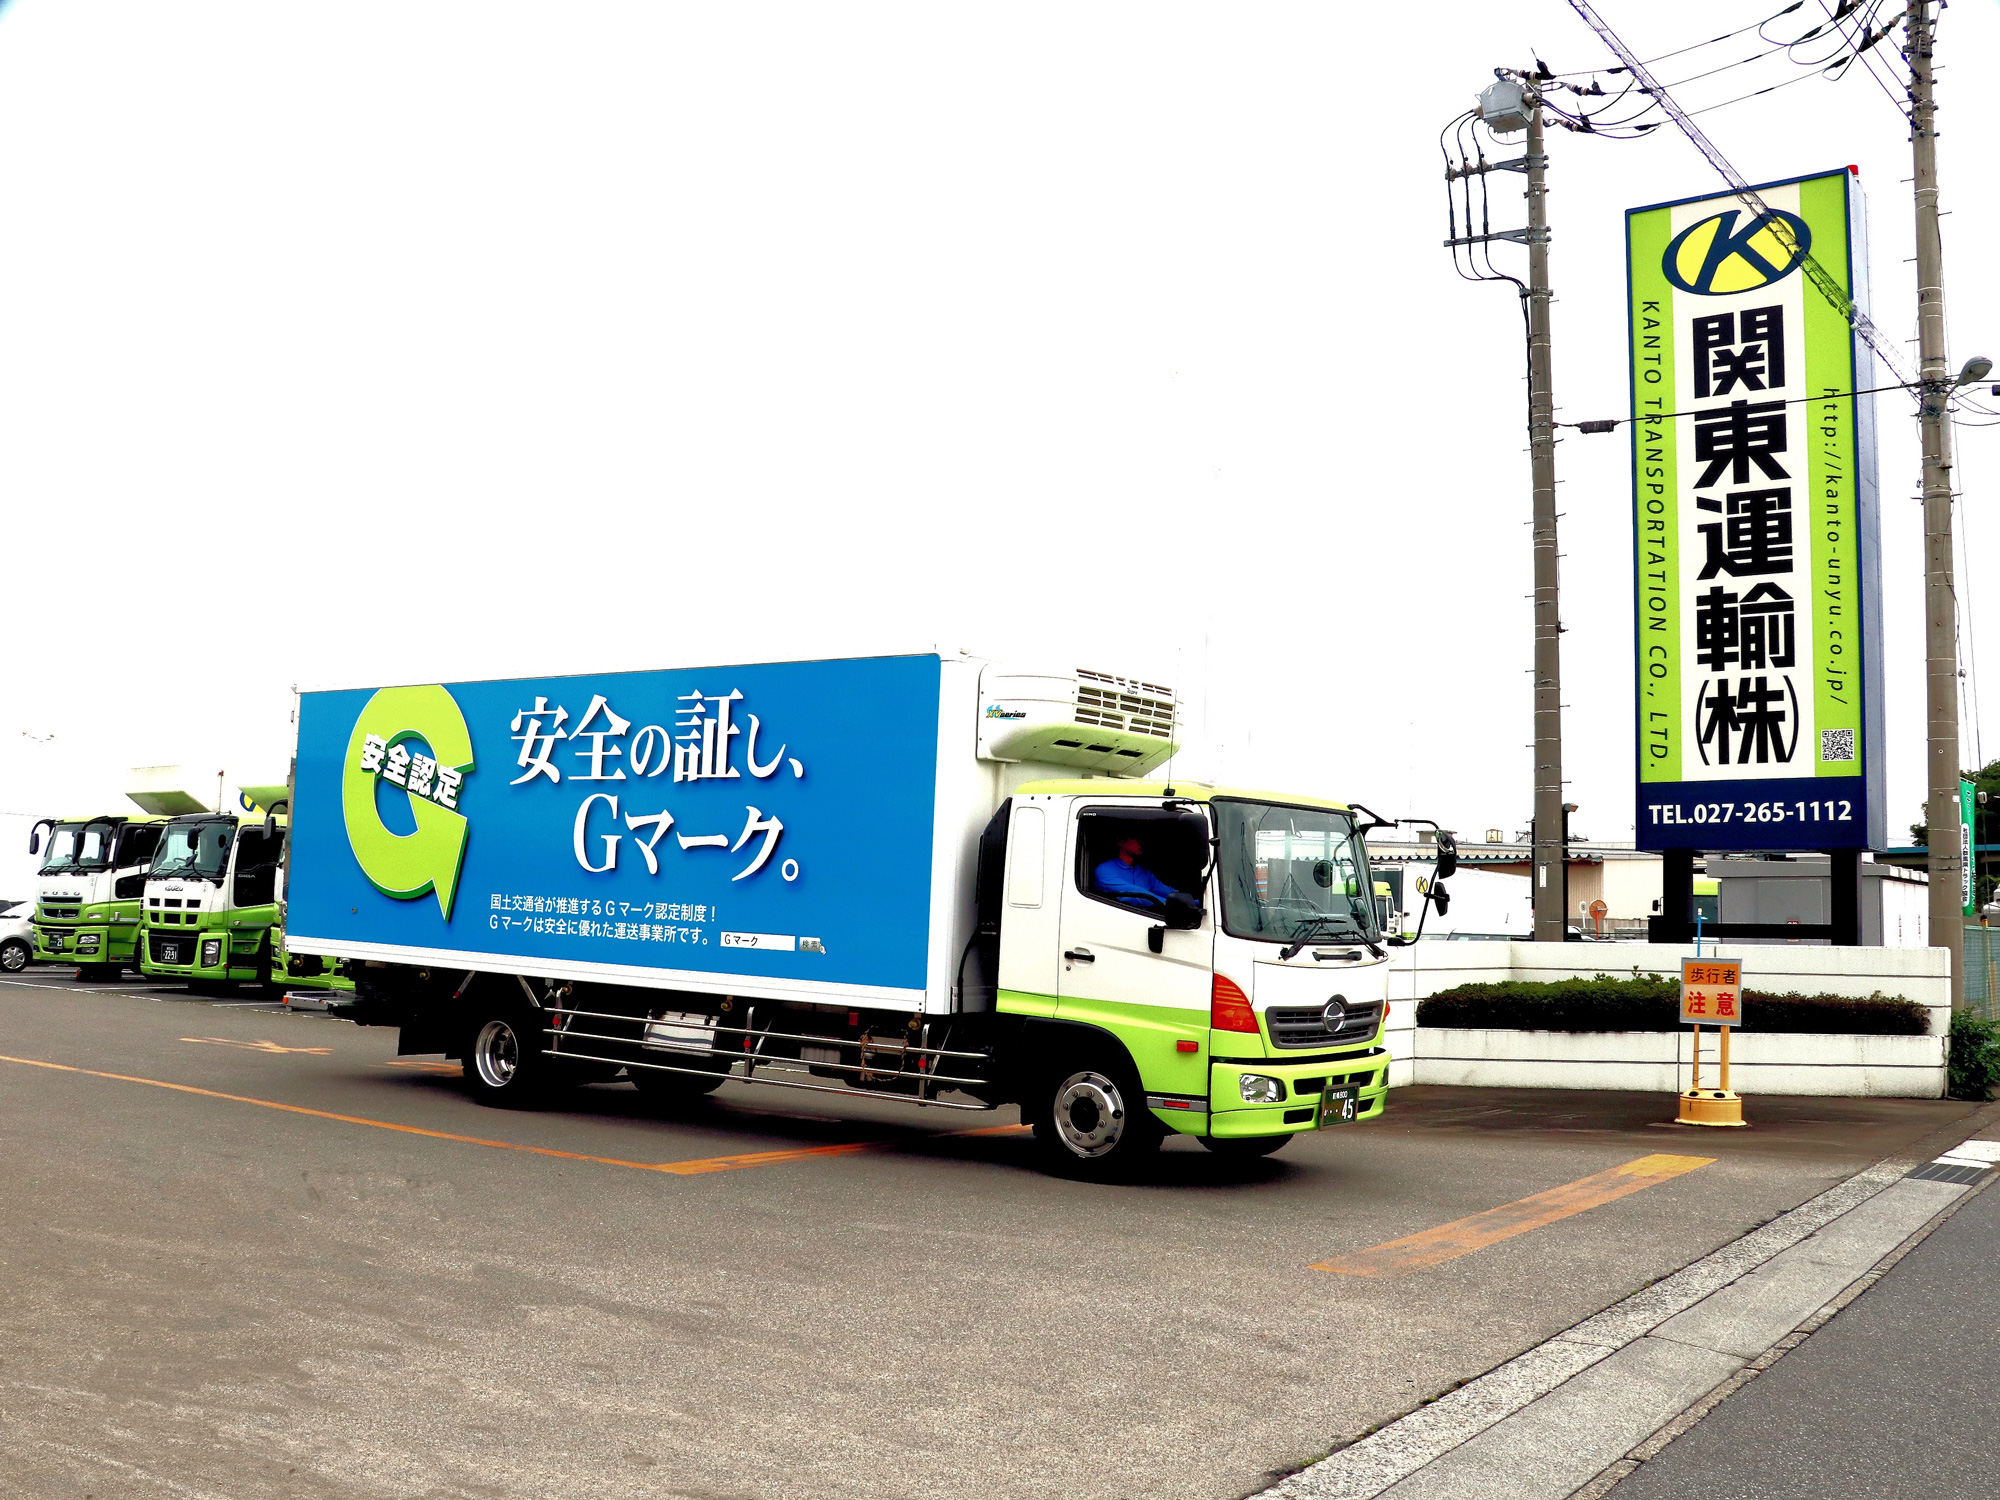 関東運輸株式会社